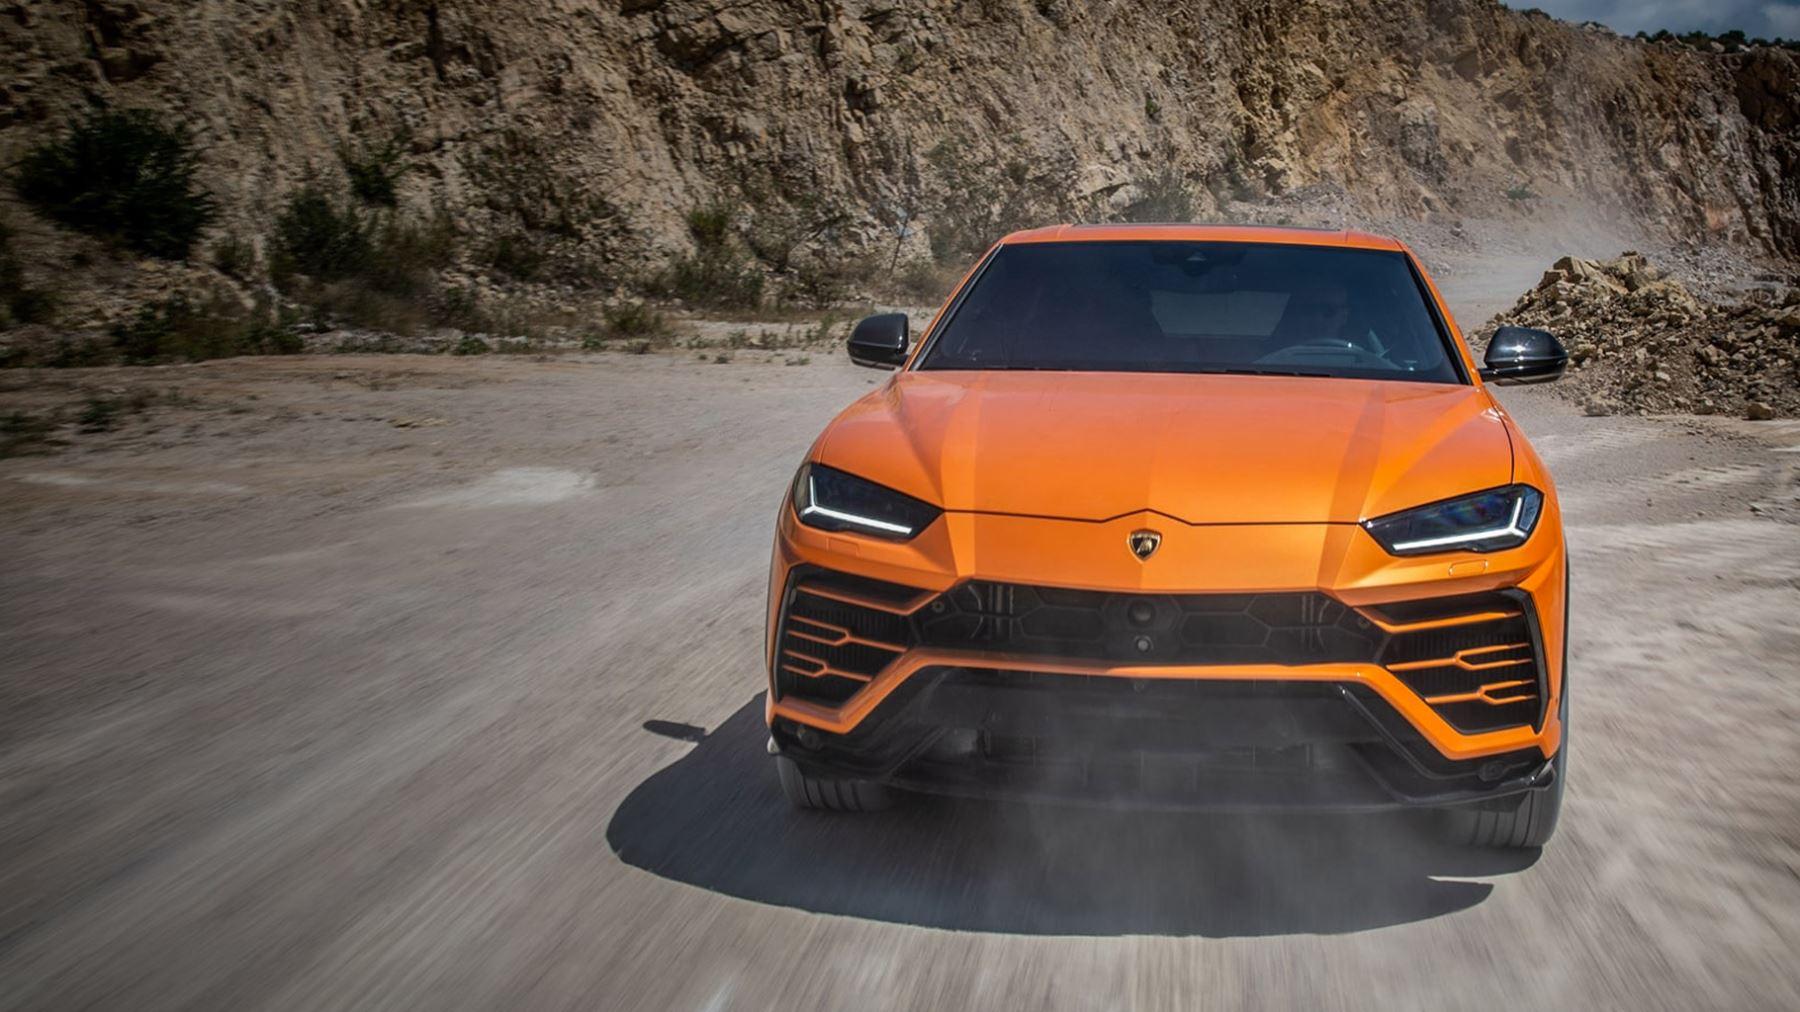 Lamborghini Urus Pearl Capsule - Unlock any road